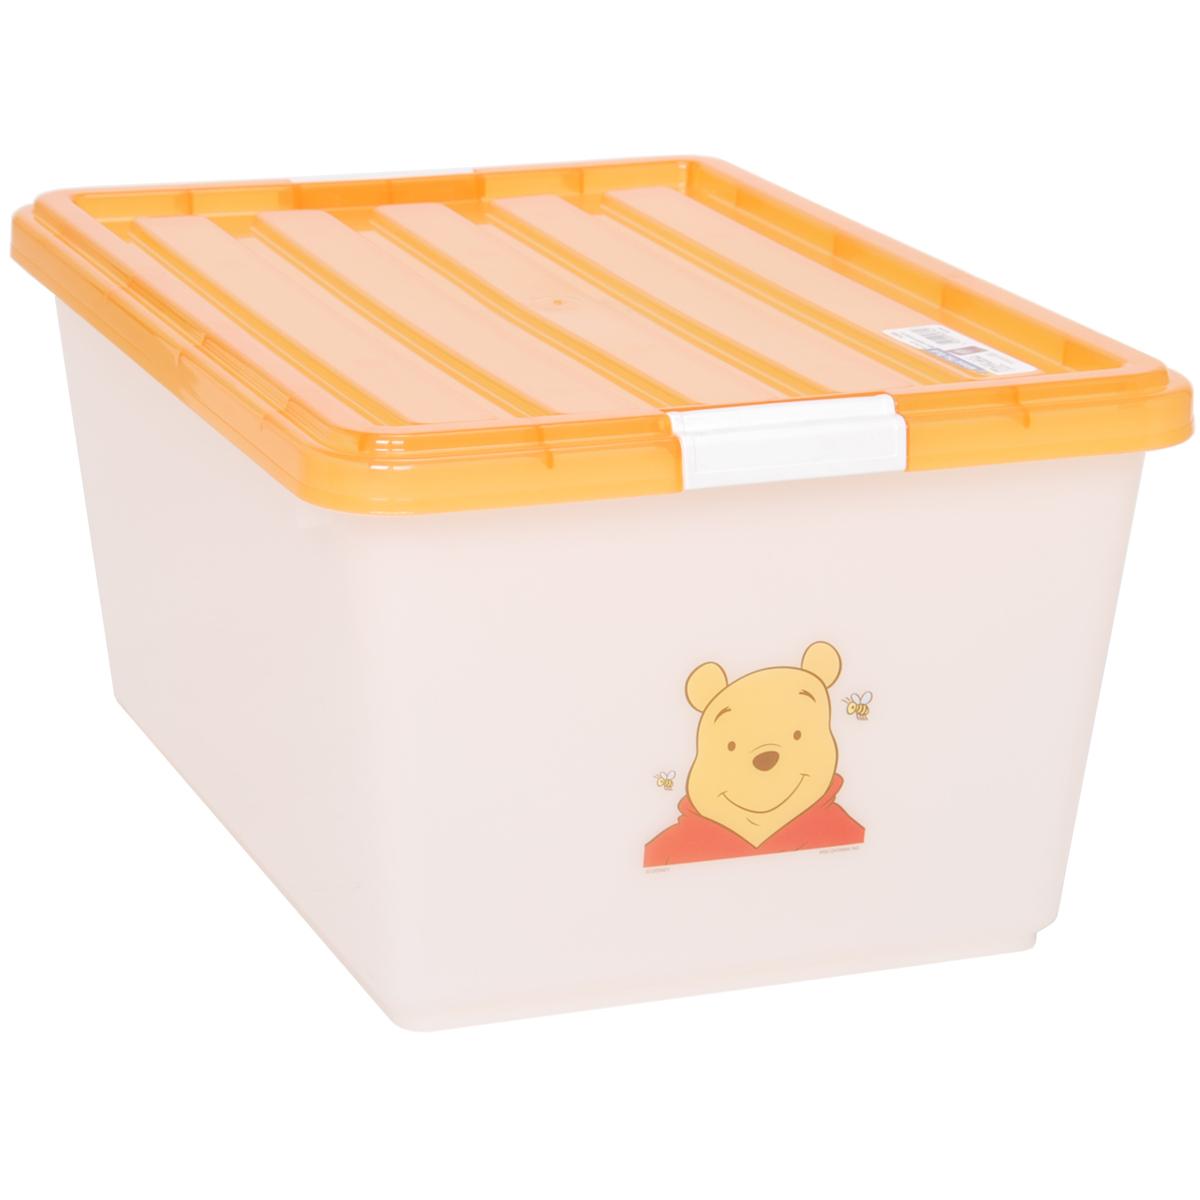 爱丽思disney迪士尼维尼儿童环保树脂收纳盒整理储物箱pcb38 包邮